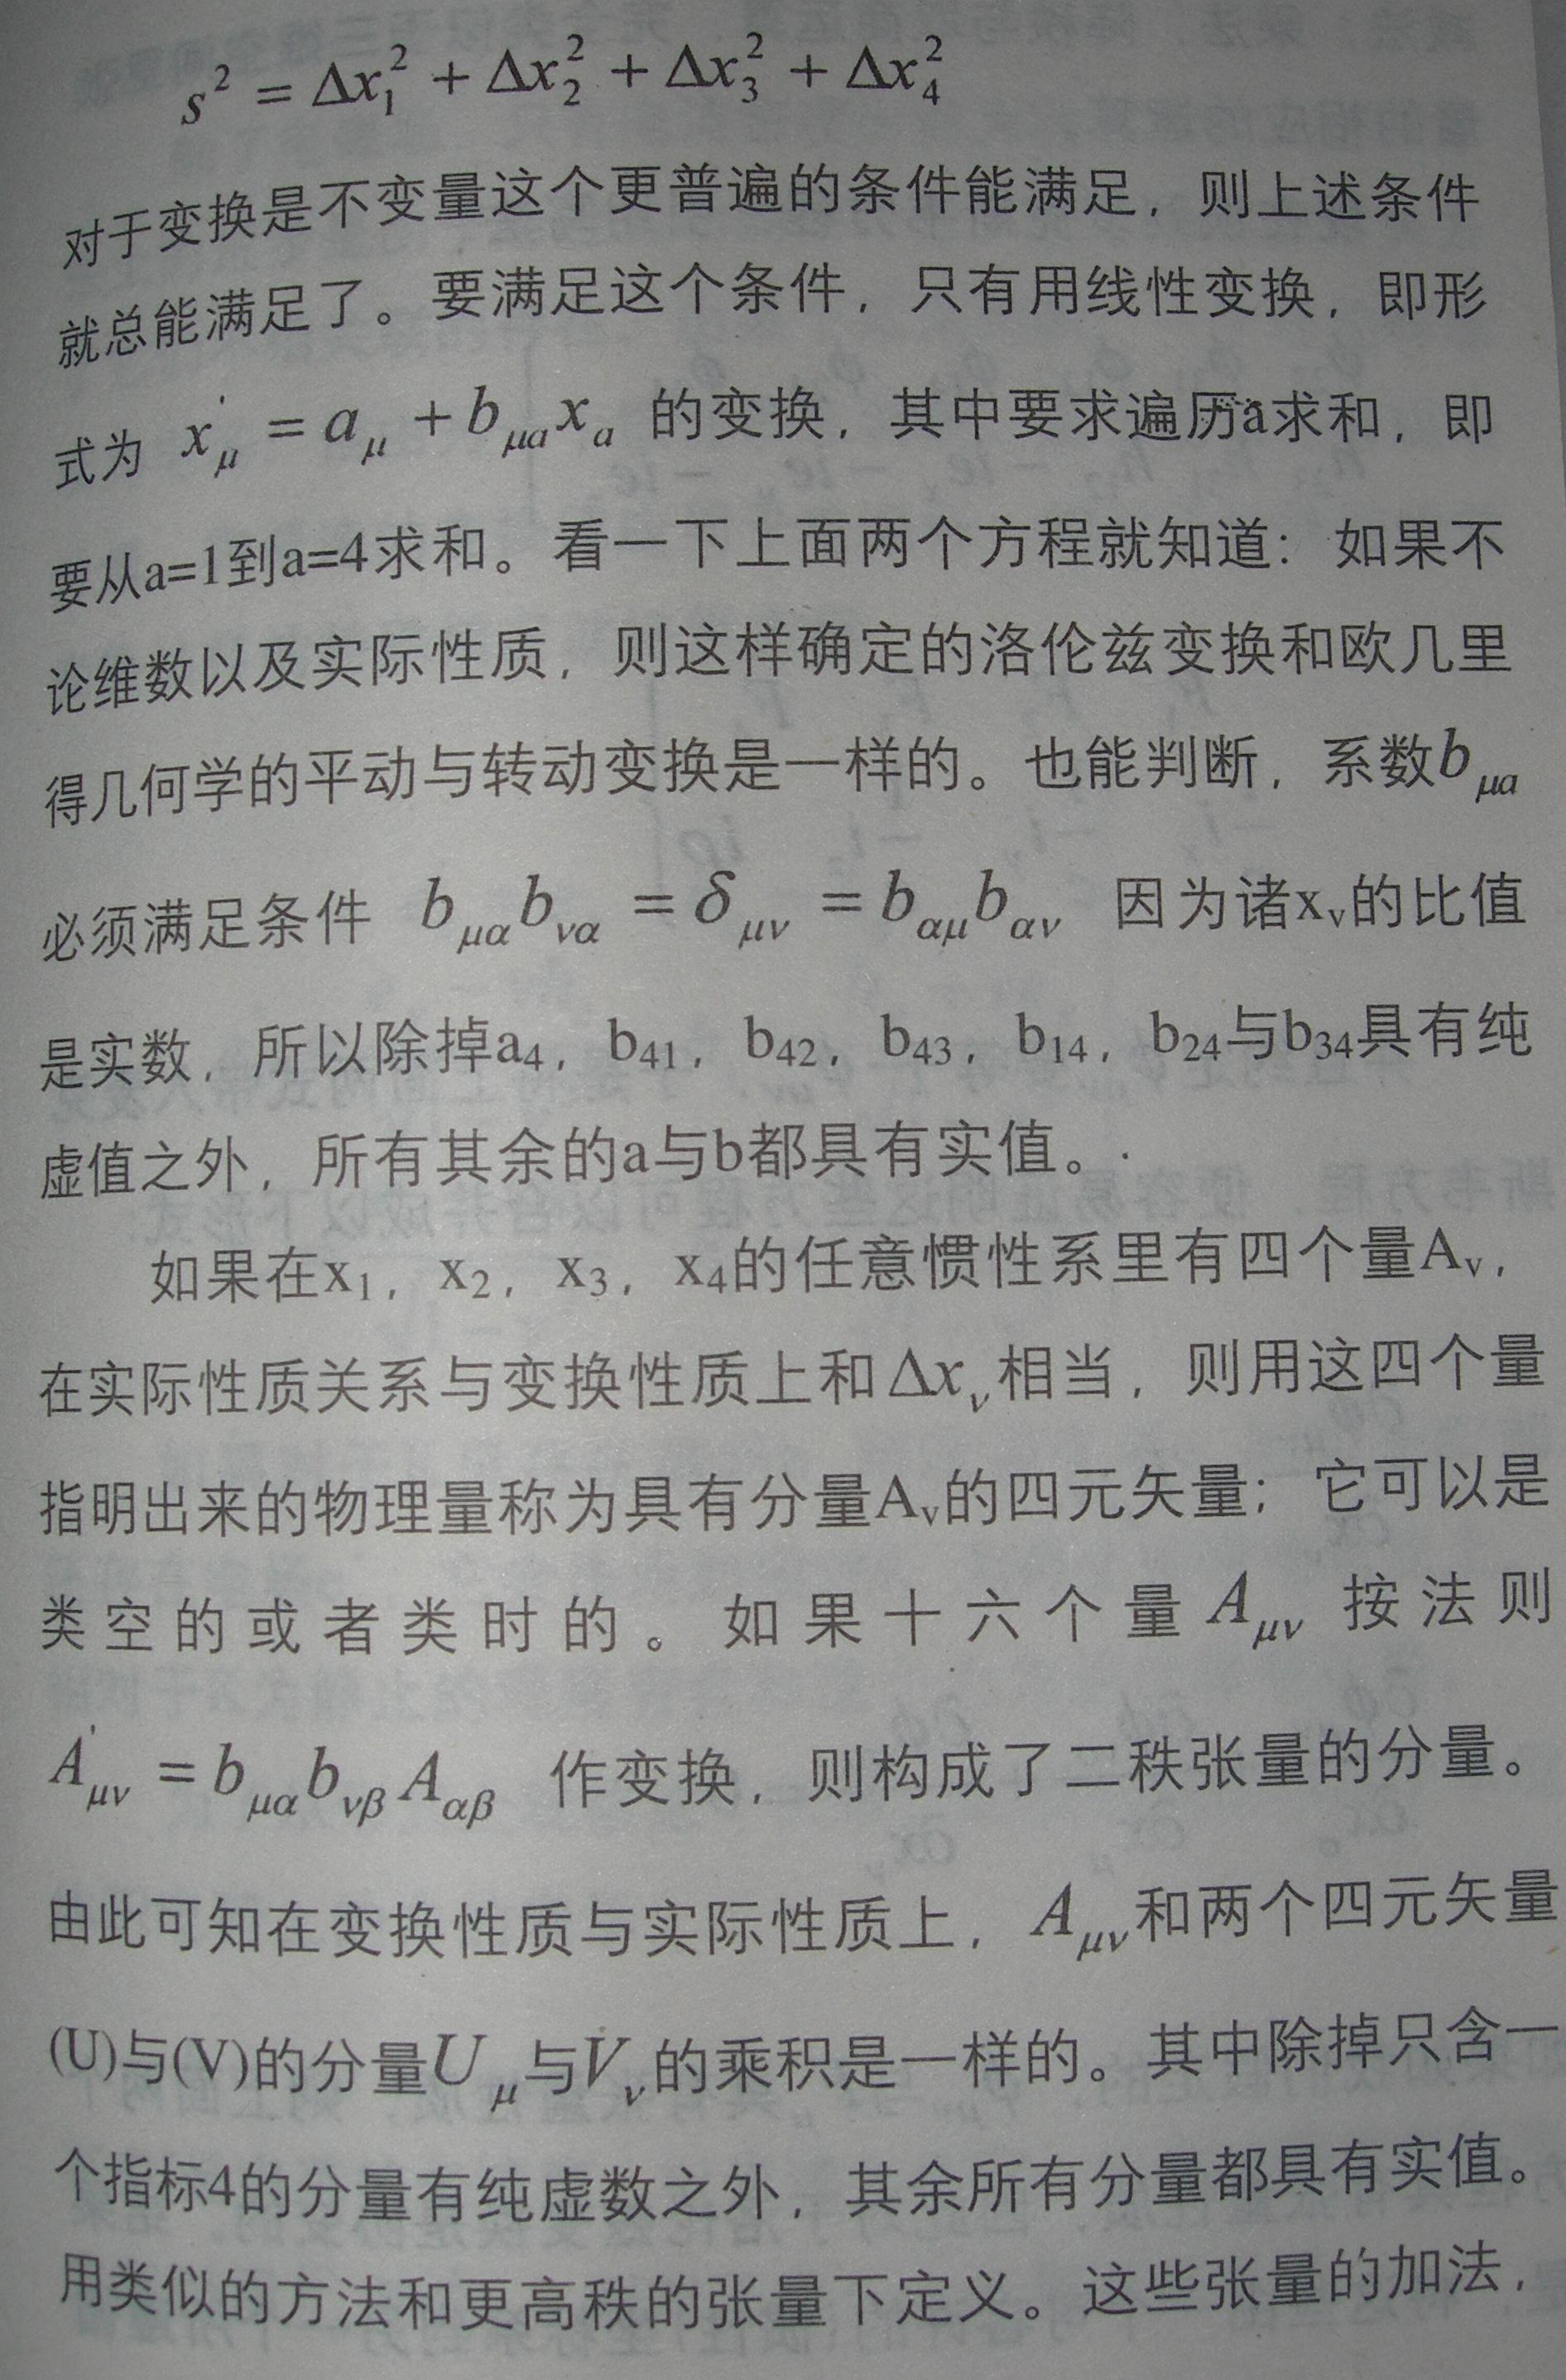 狭义相对论论文8.JPG